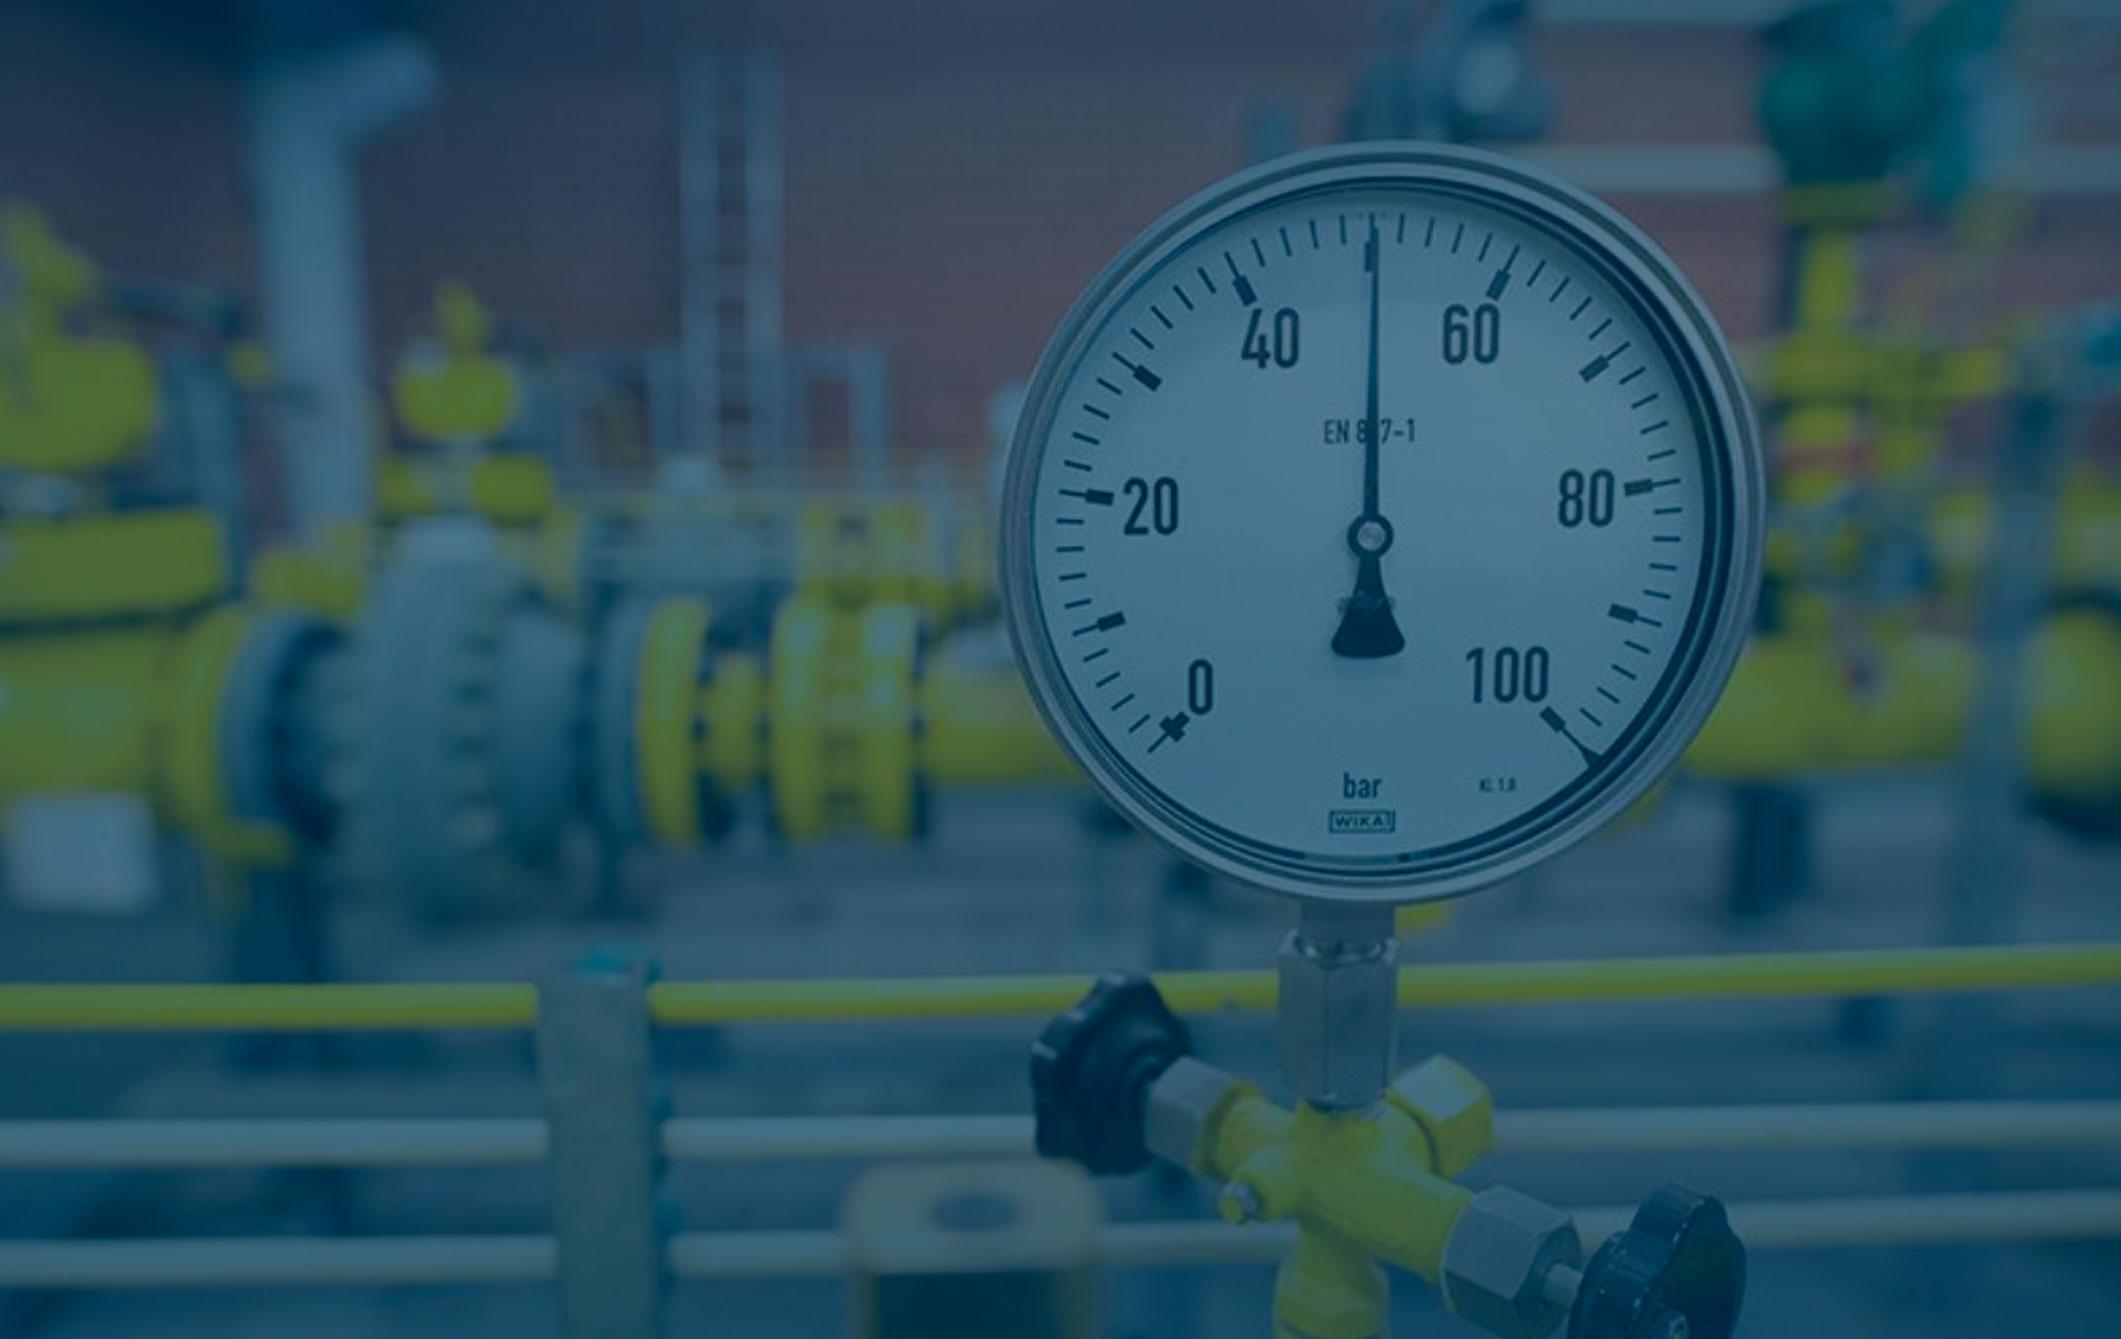 Б8. Требования промышленной безопасности к оборудованию, работающему под давлением